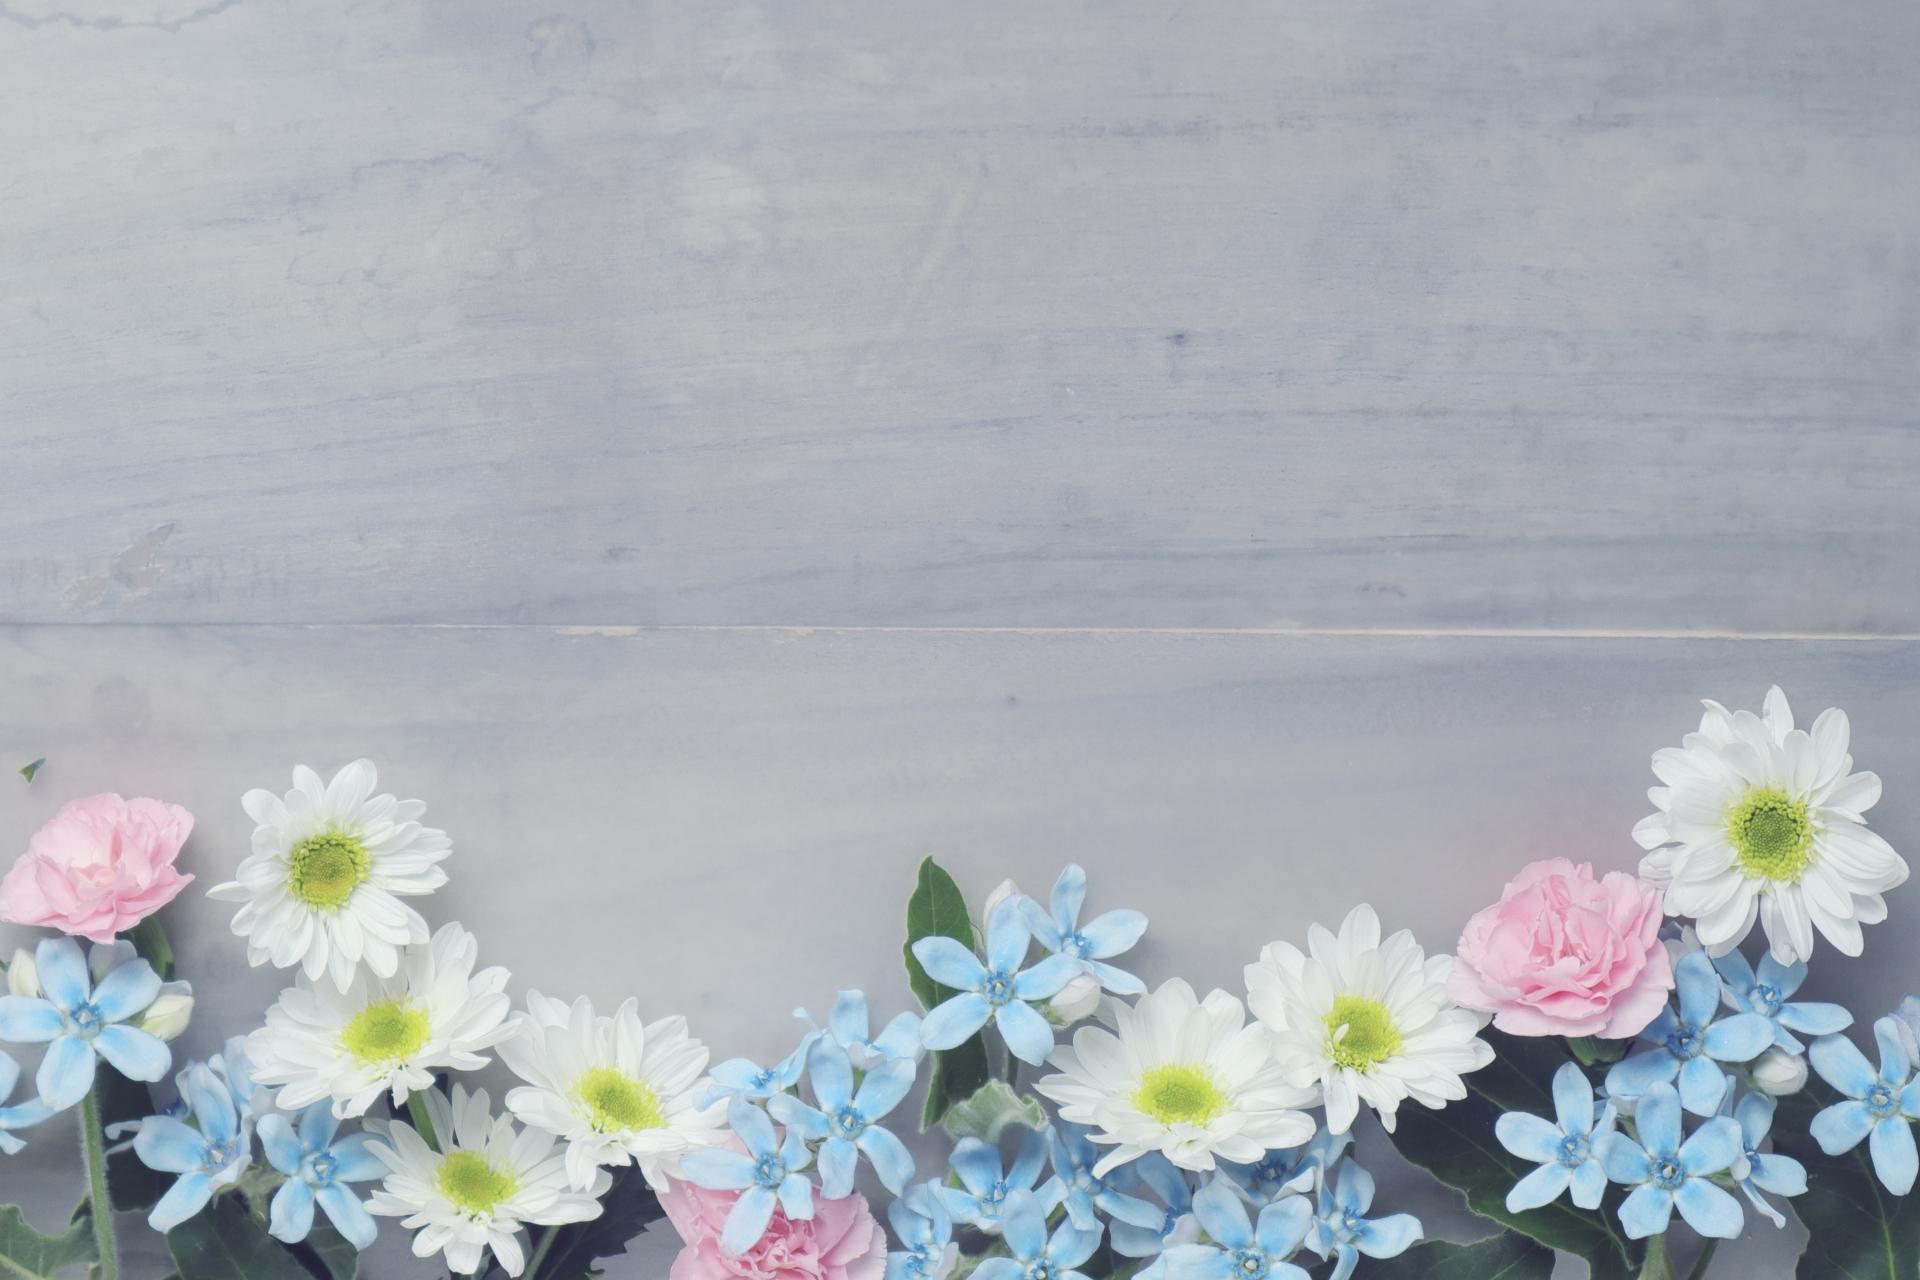 image-テストの投稿 | 敦賀のメディカルエステ バレリアン